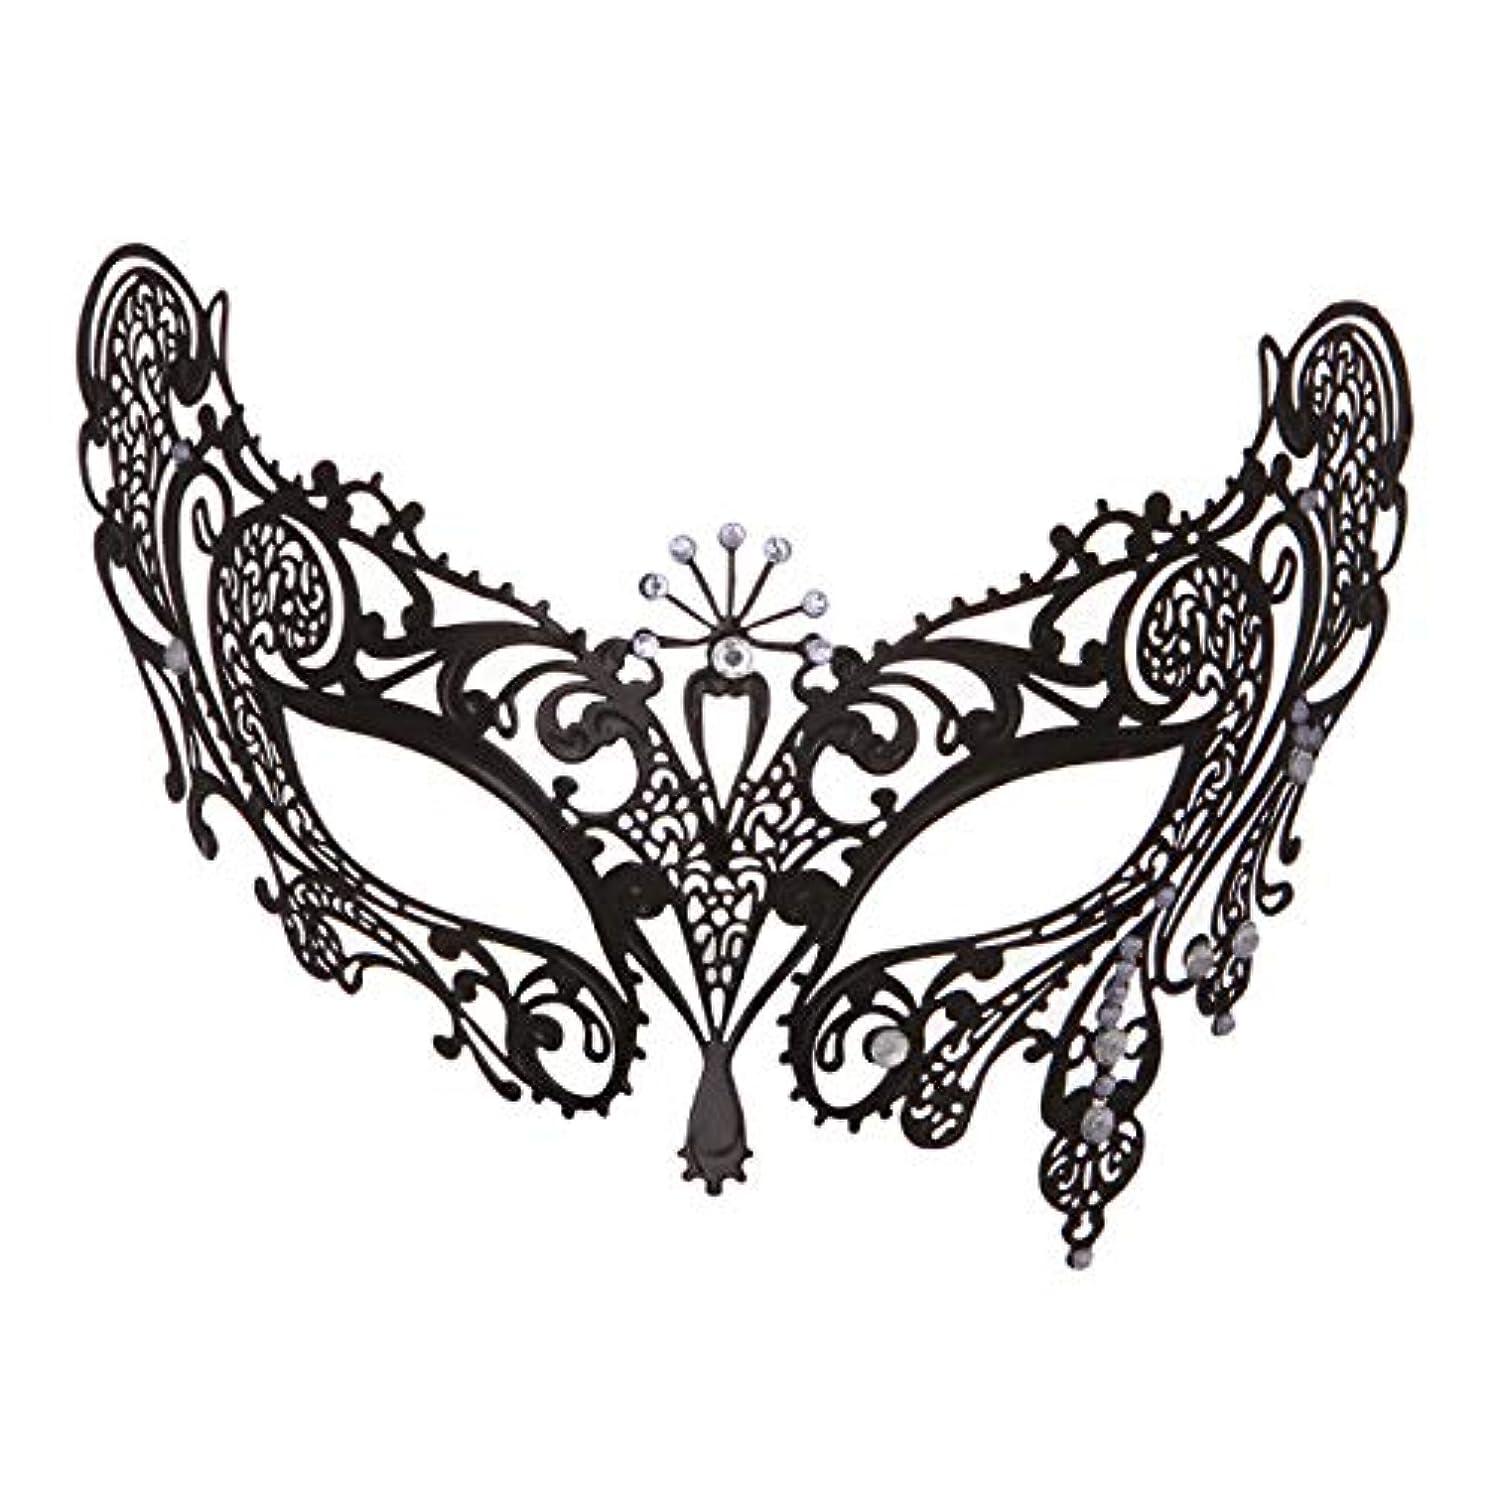 女の子嘆く名門レディマスクメタルダイヤモンドパーティーパフォーマンス仮装ハロウィーンアイマスク